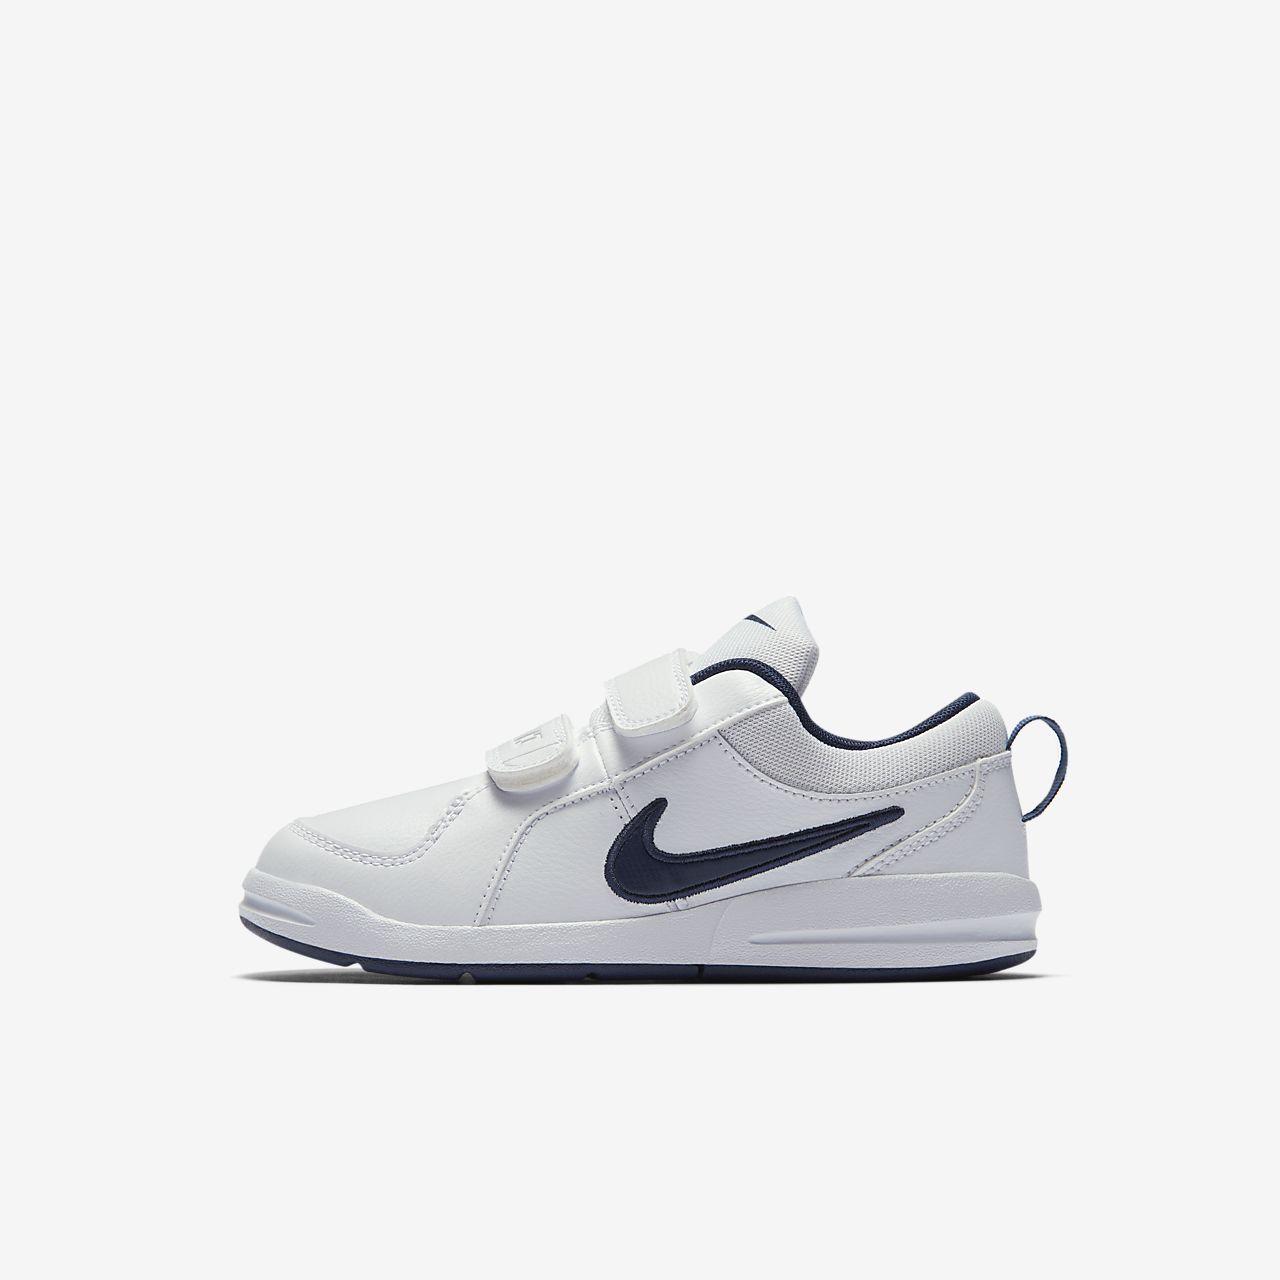 0865fb85140 Zapatillas Nike Pico 4 - Chicos pequeños. Nike.com ES